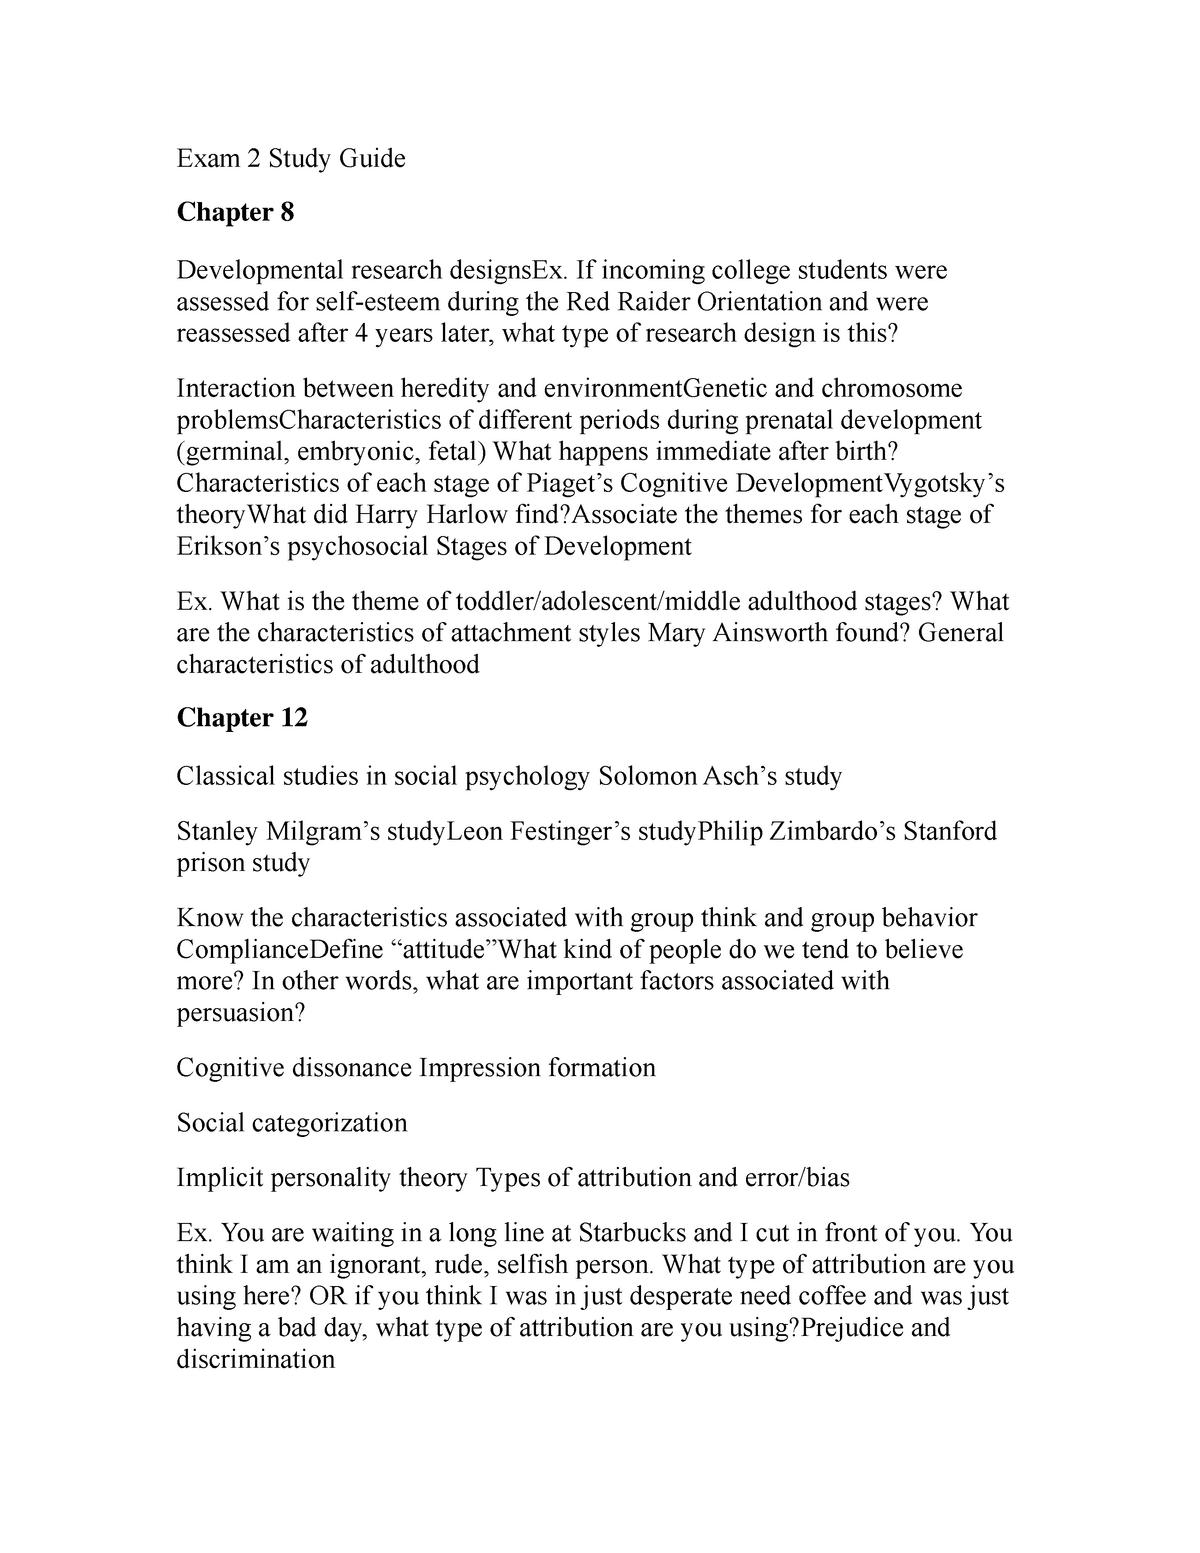 Summary PSY 1300 PSY 1300 20 Sep 2017 - StuDocu